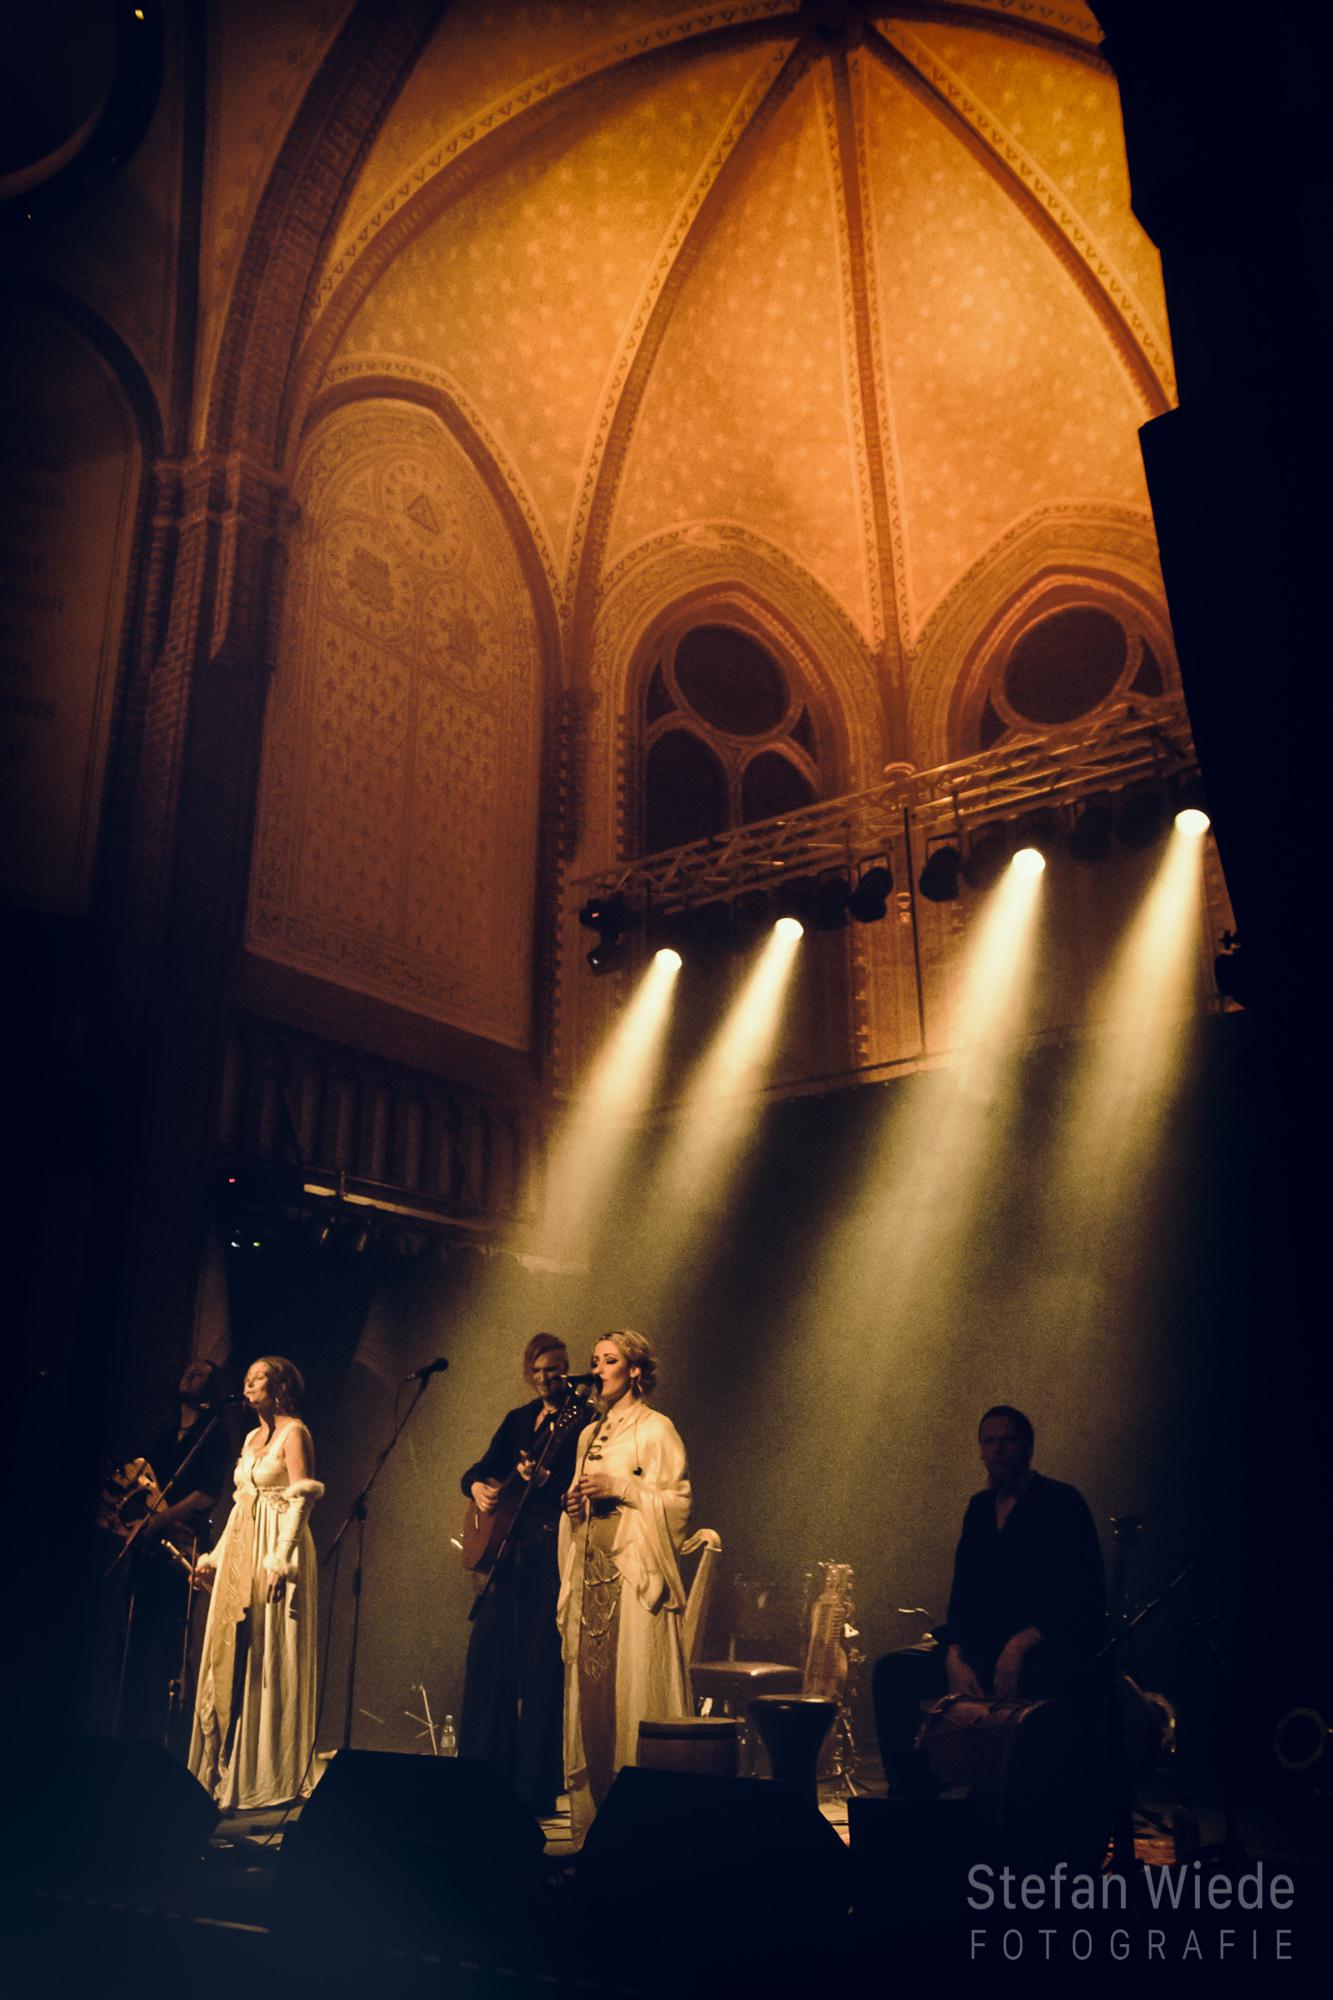 Faun in der Kulturkirche Köln fotografiert von Stefan Wiede